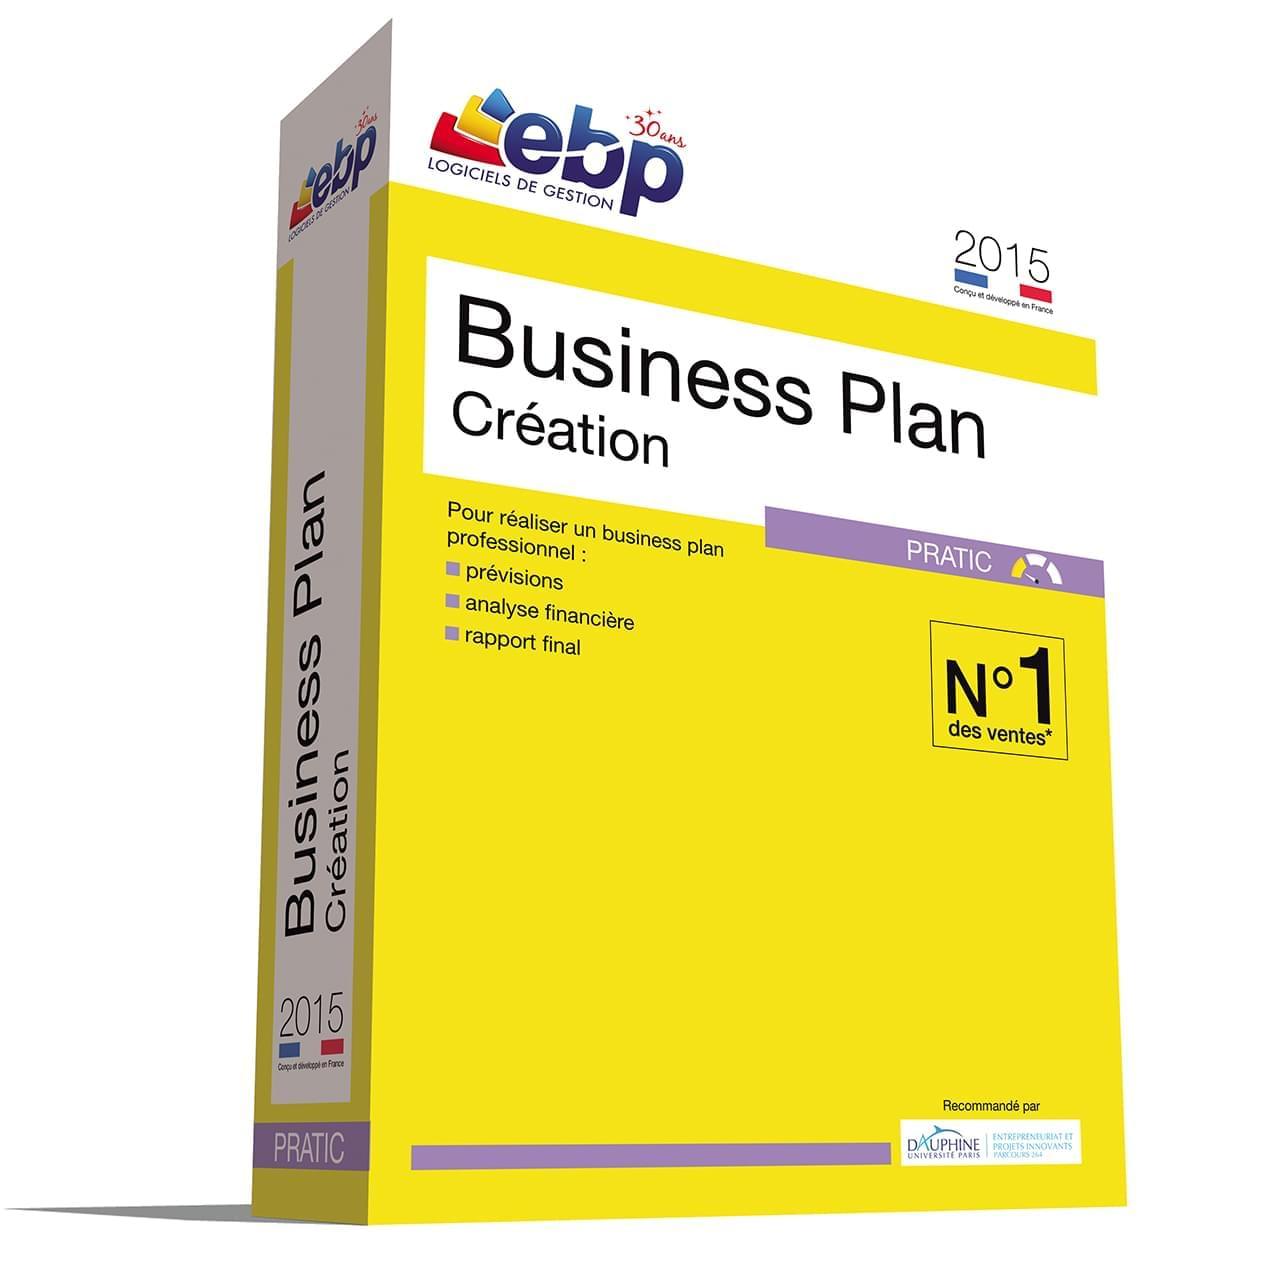 EBP Business Plan Pratic 2015 (1155E070FAC) - Achat / Vente Logiciel Application sur Cybertek.fr - 0